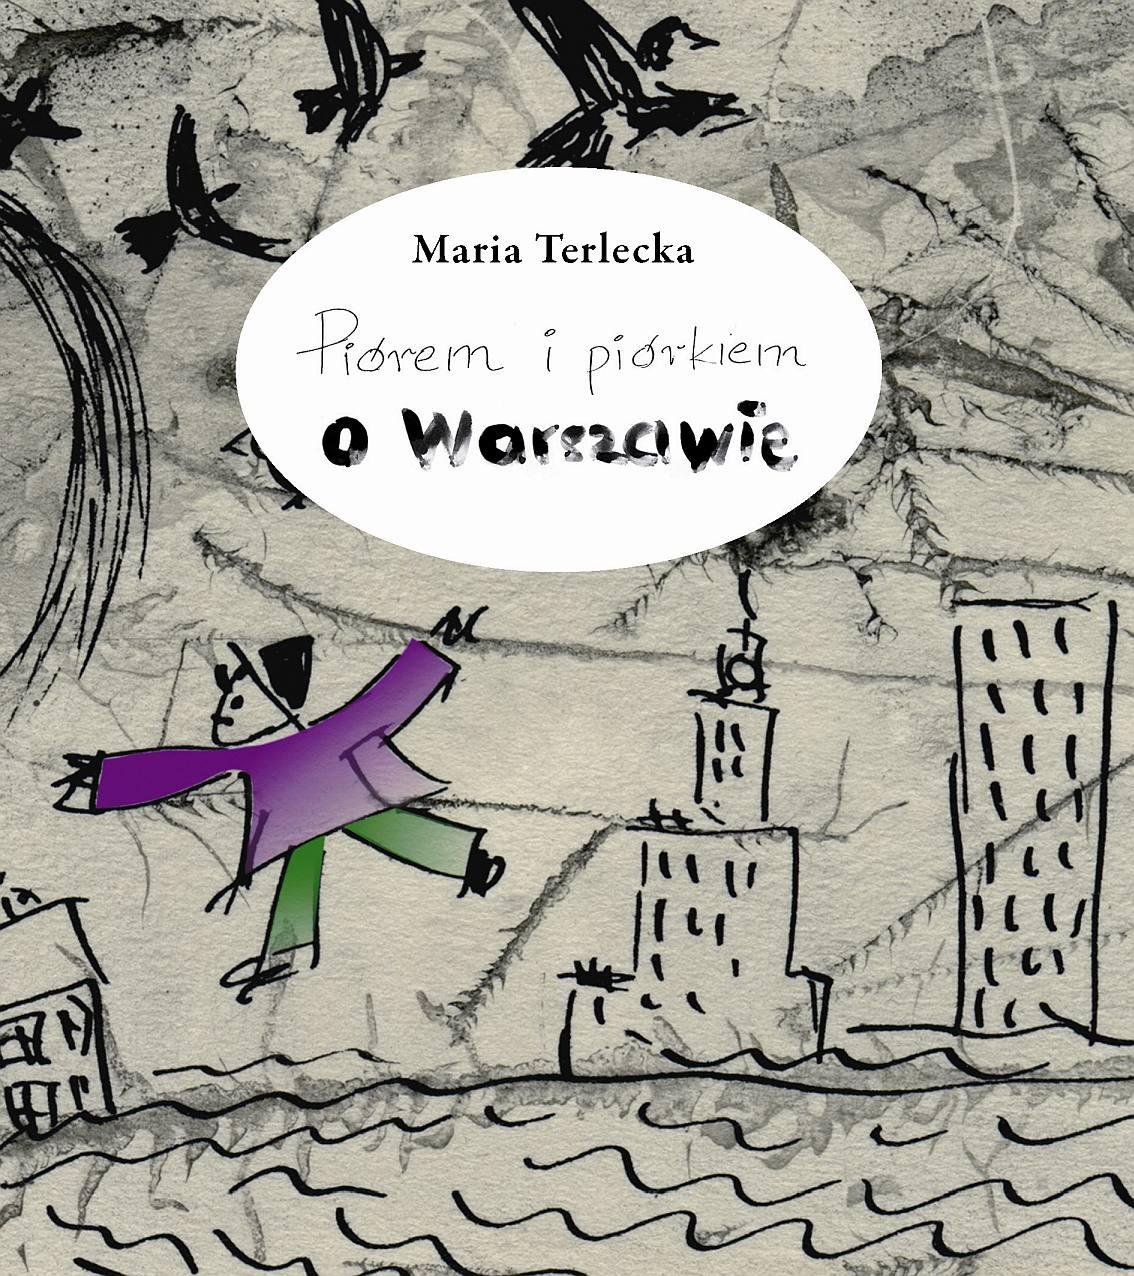 Piórek i piórkiem o Warszawie